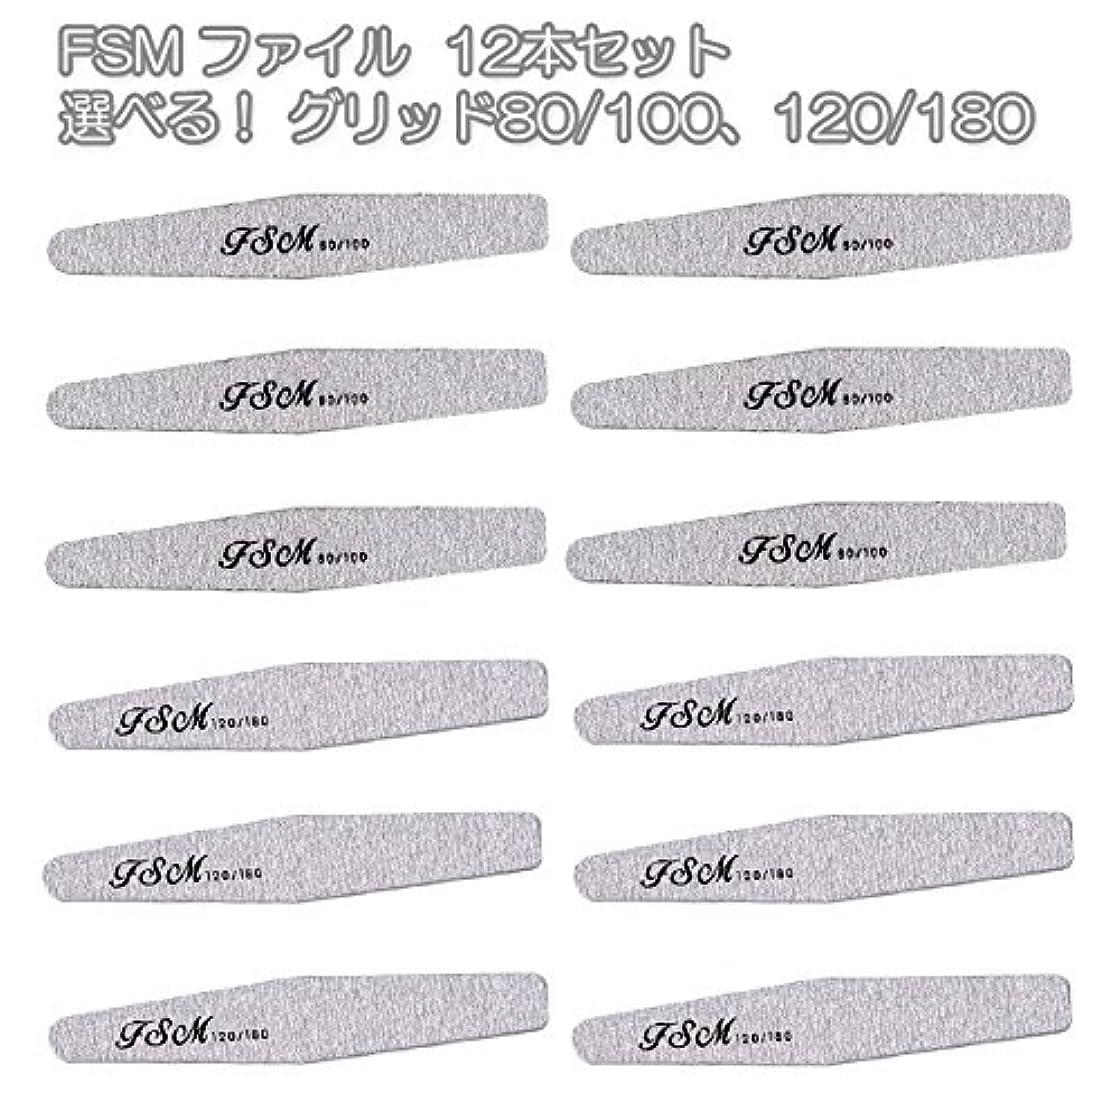 かけがえのないに対して電話FSM ネイルファイル/バッファー12本セット(選べる!グリッド80/100、120/180) (G80/100の12本)